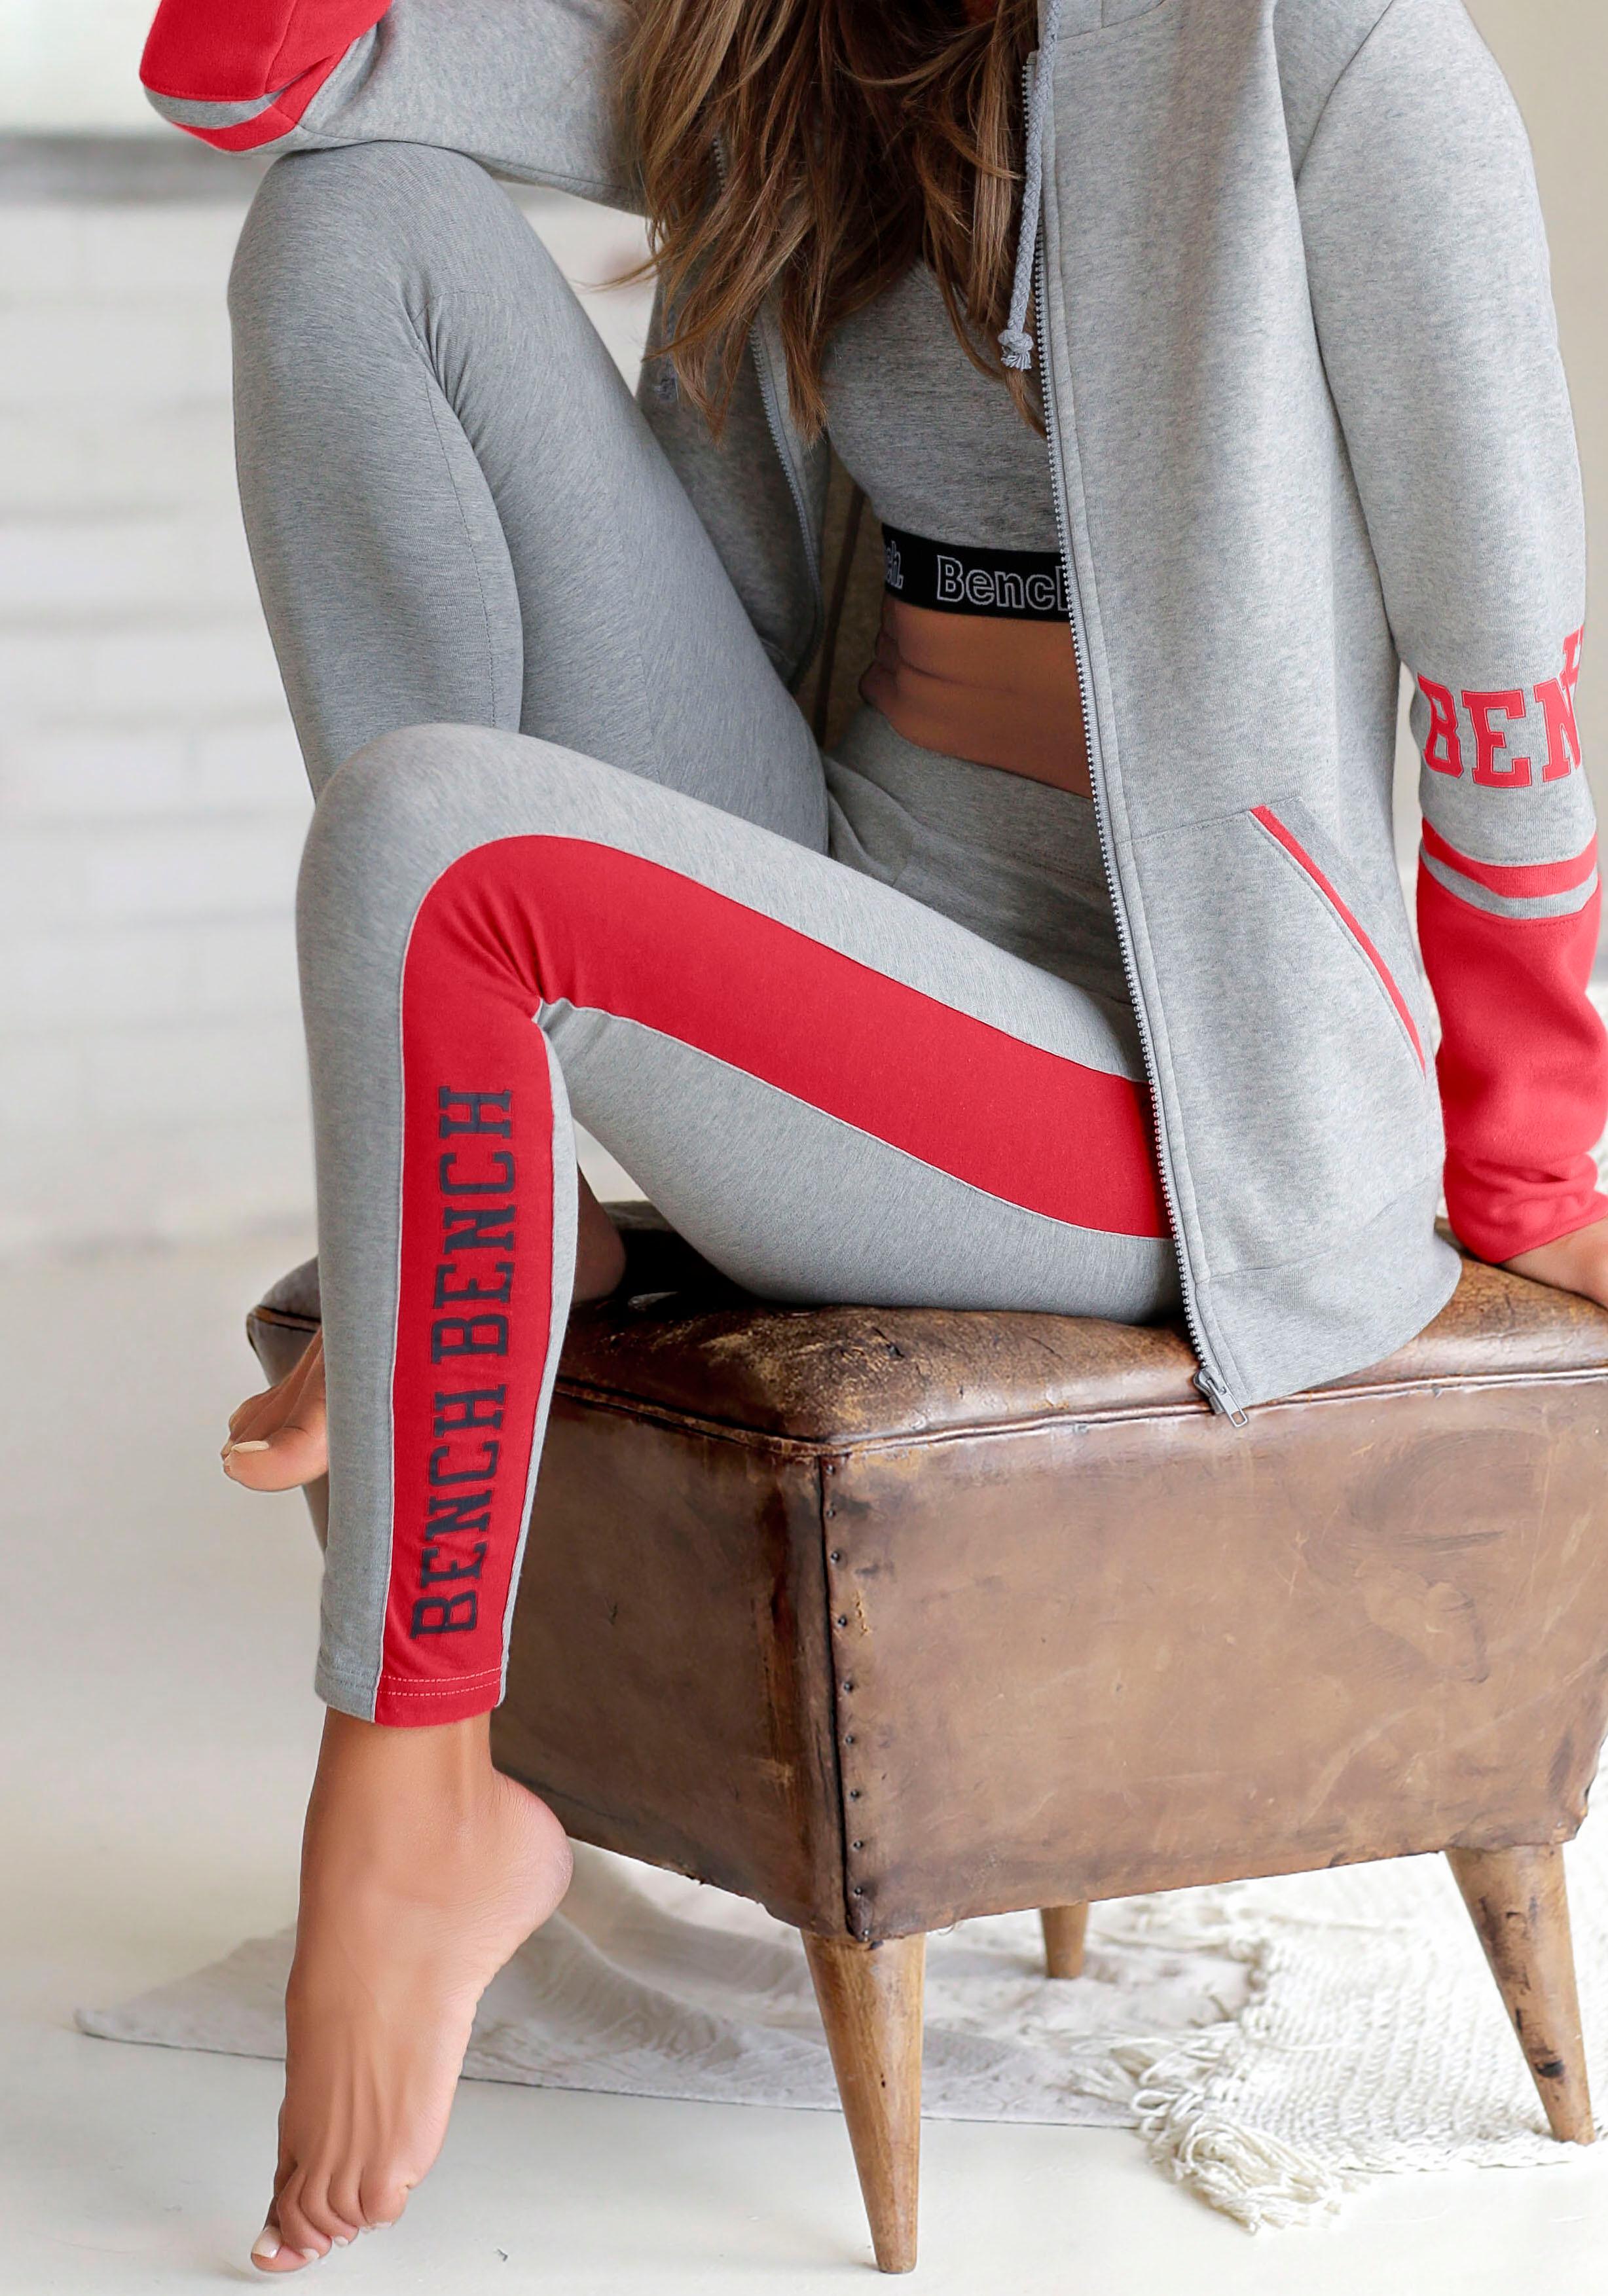 Bench. Leggings